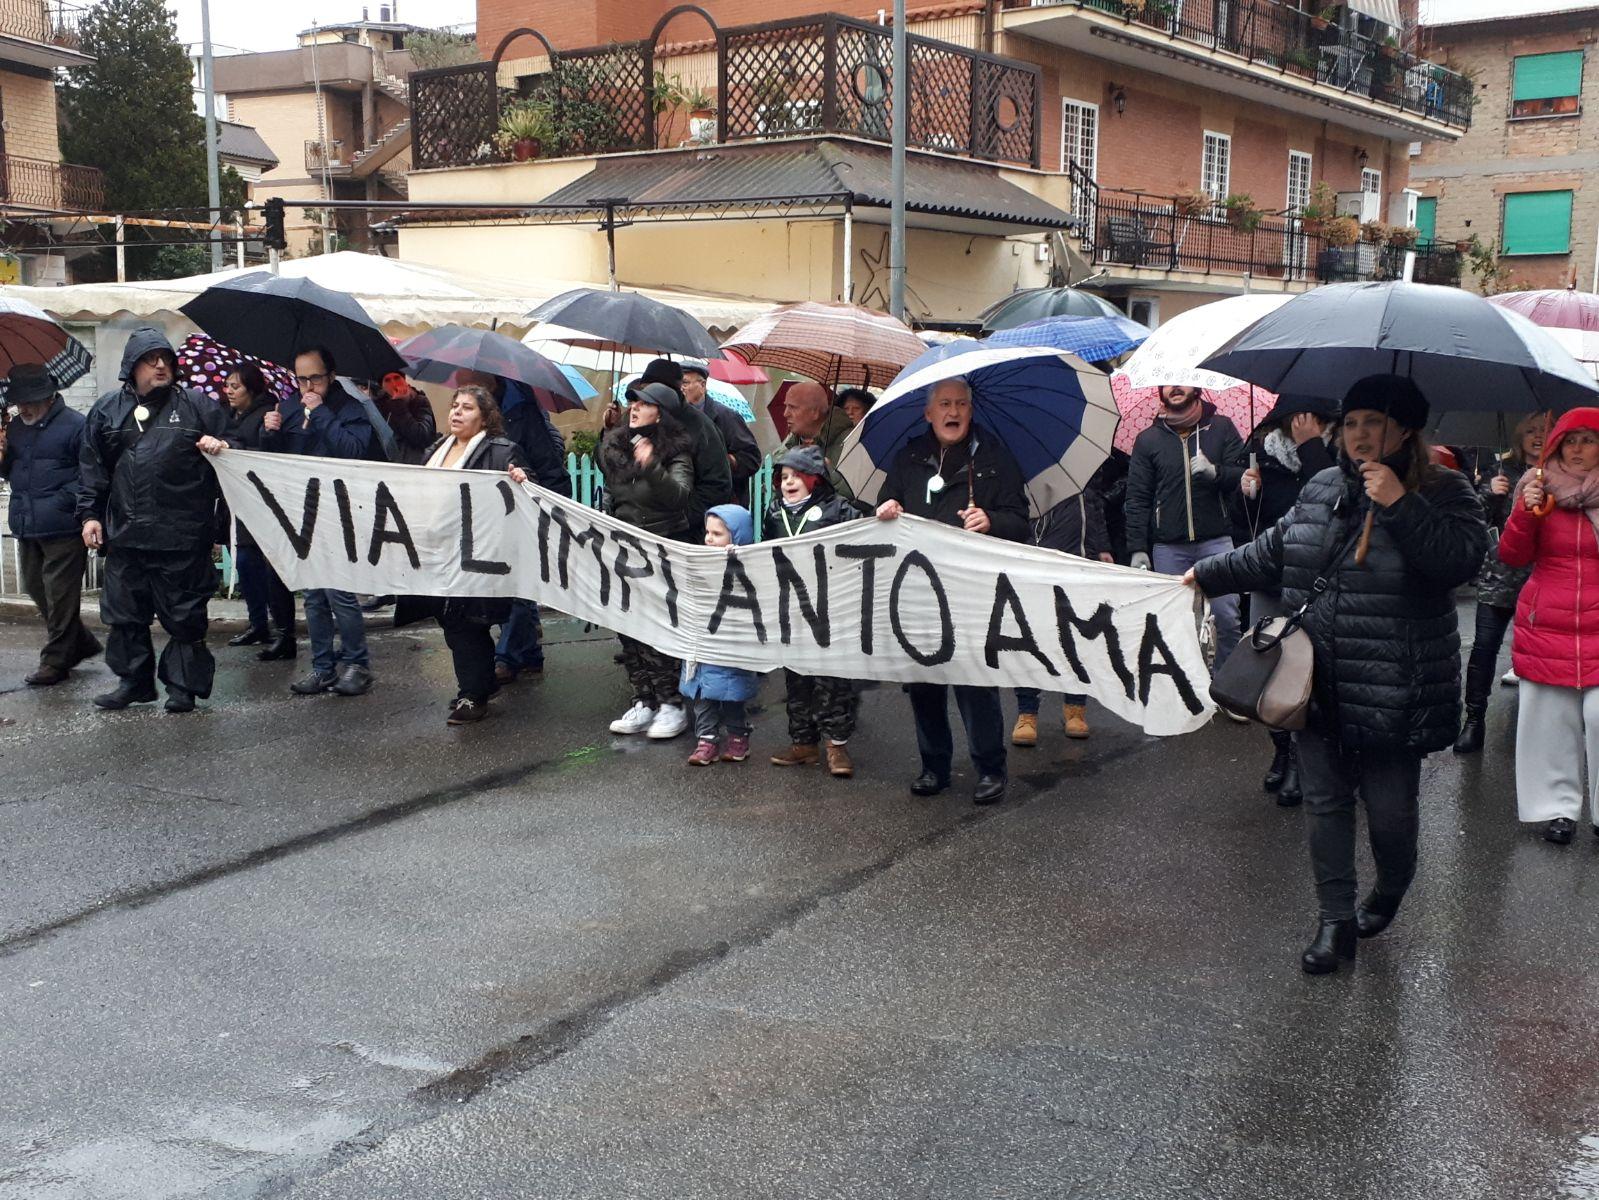 Ultime Notizie Roma - News Cronaca di Roma ultimi aggiornamenti ...